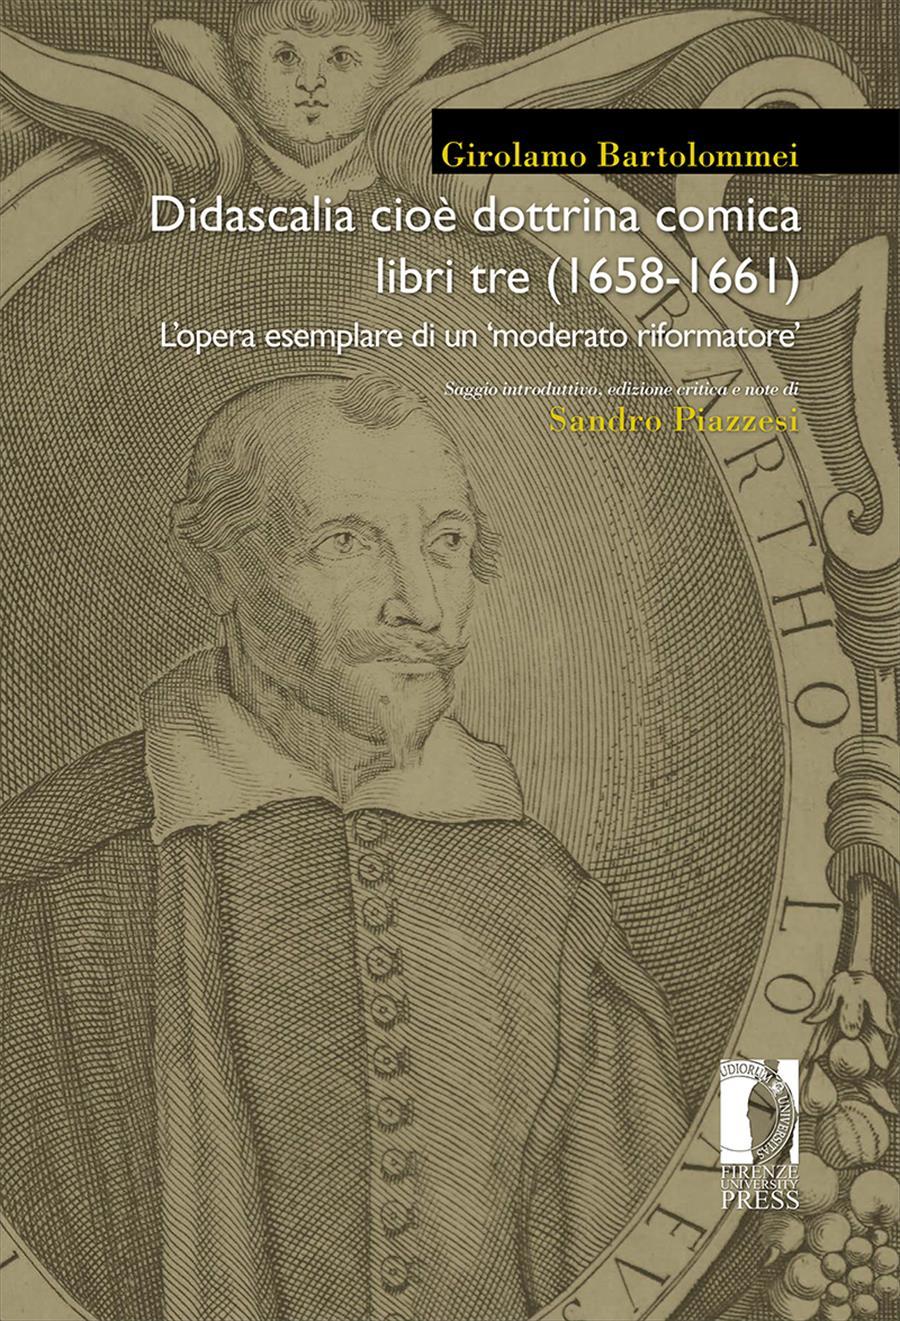 Didascalia cioè dottrina comica libri tre (1658-1661)